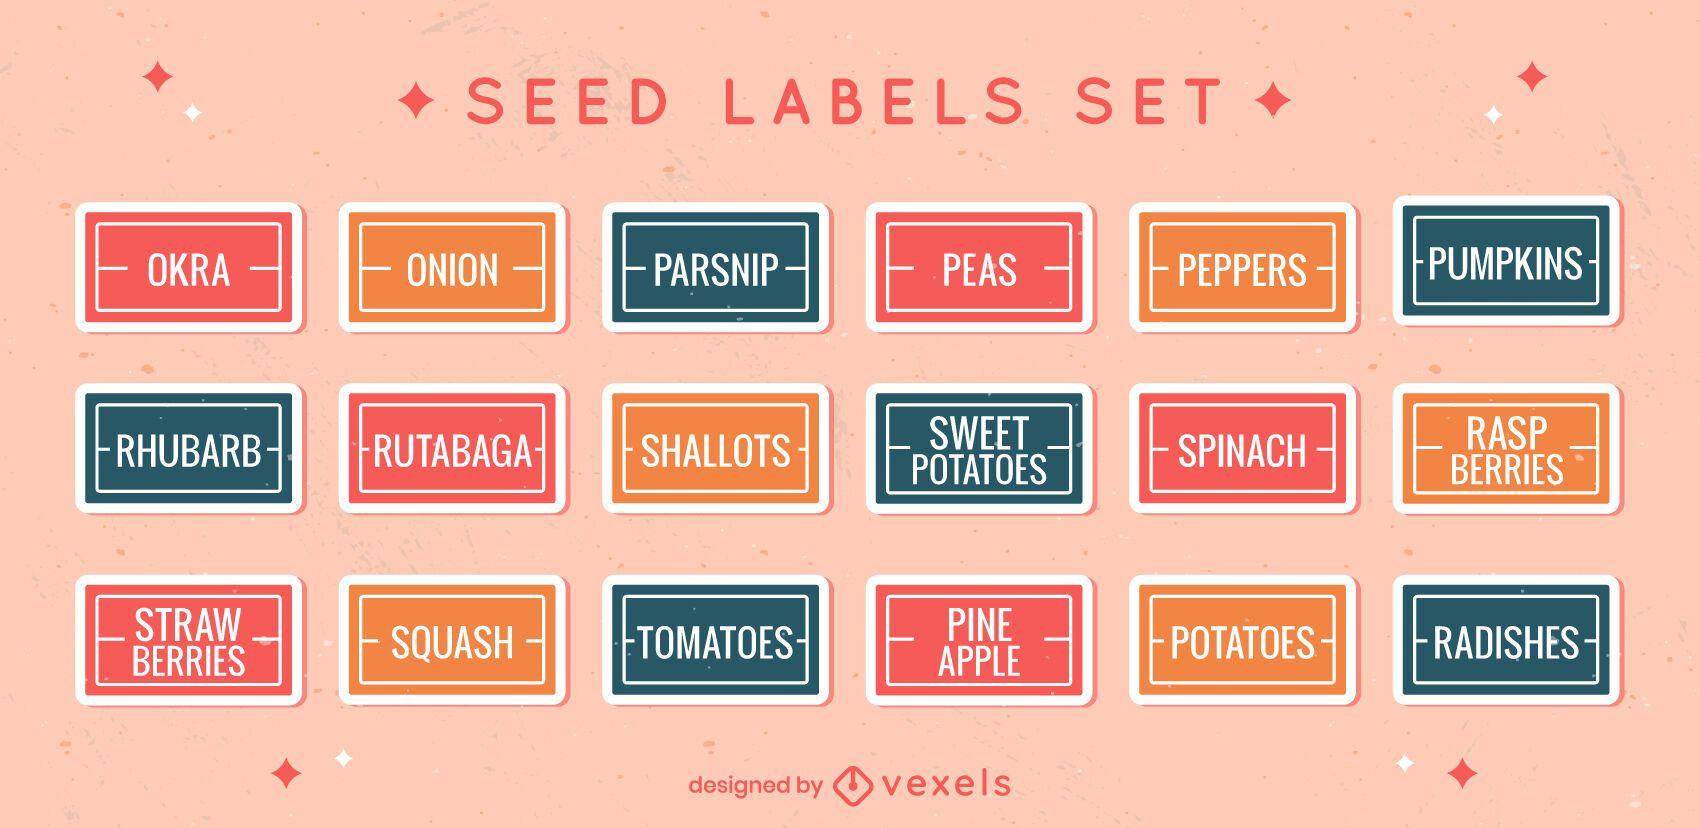 Vegetable labels flat set